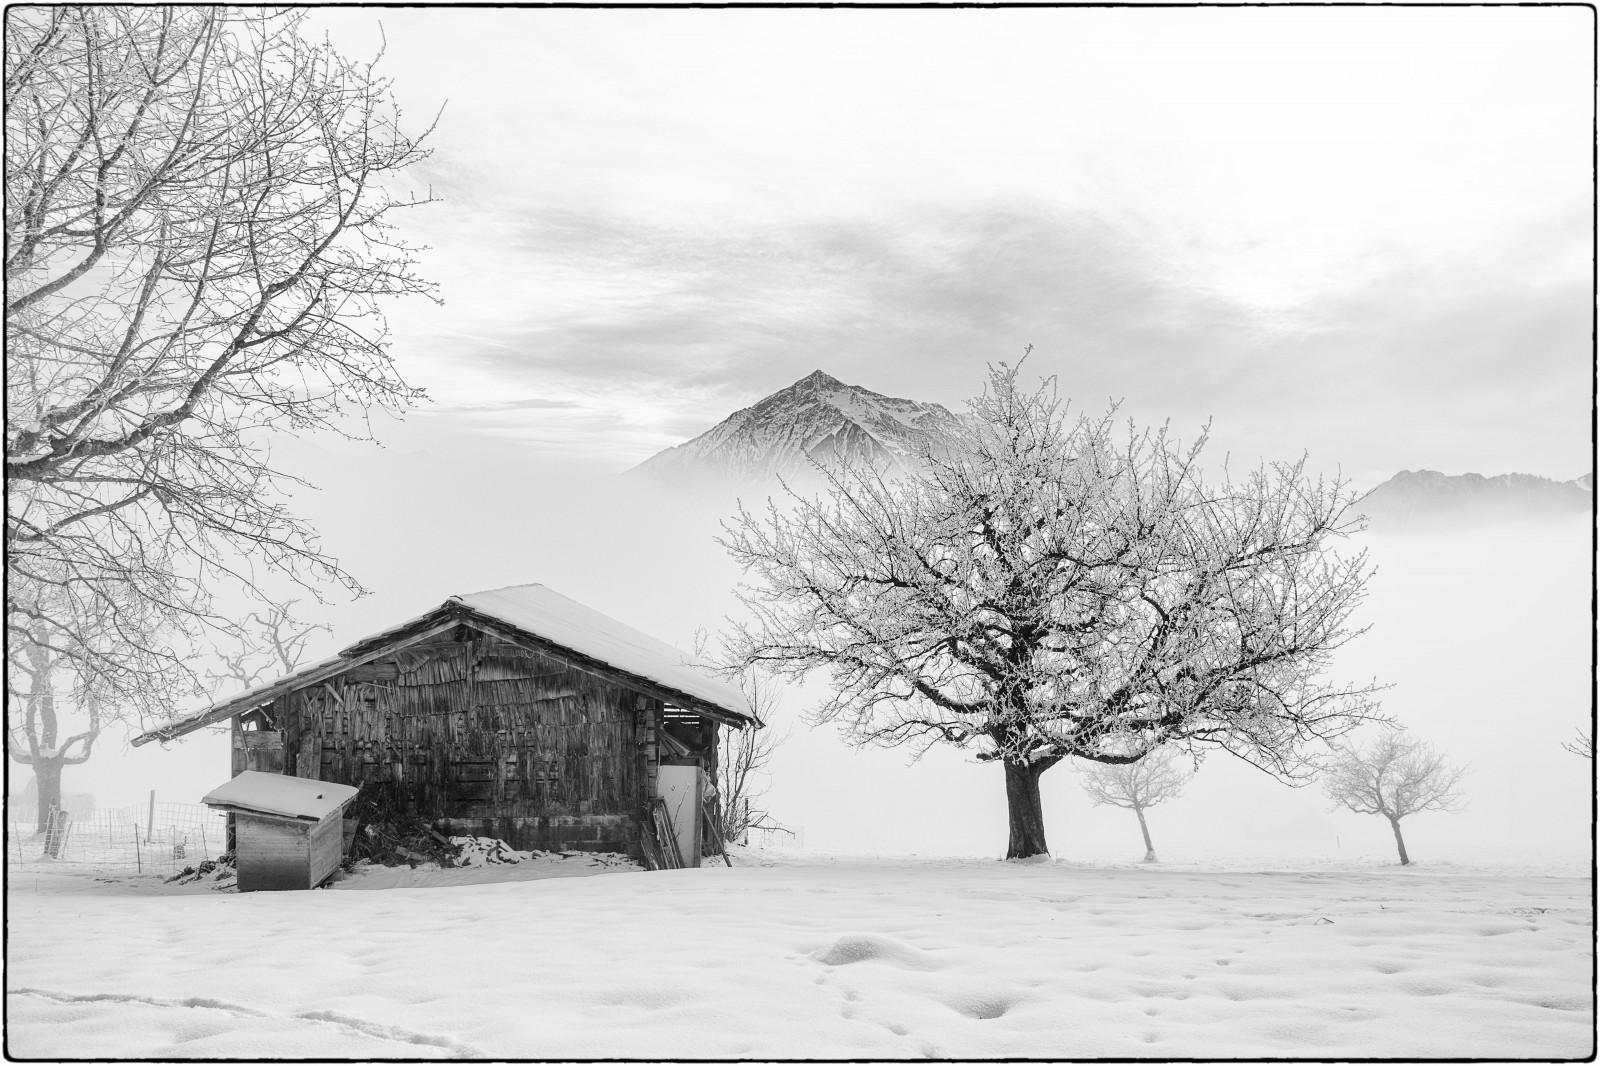 fond d 39 cran des arbres dessin montagnes monochrome neige hiver la photographie maison. Black Bedroom Furniture Sets. Home Design Ideas